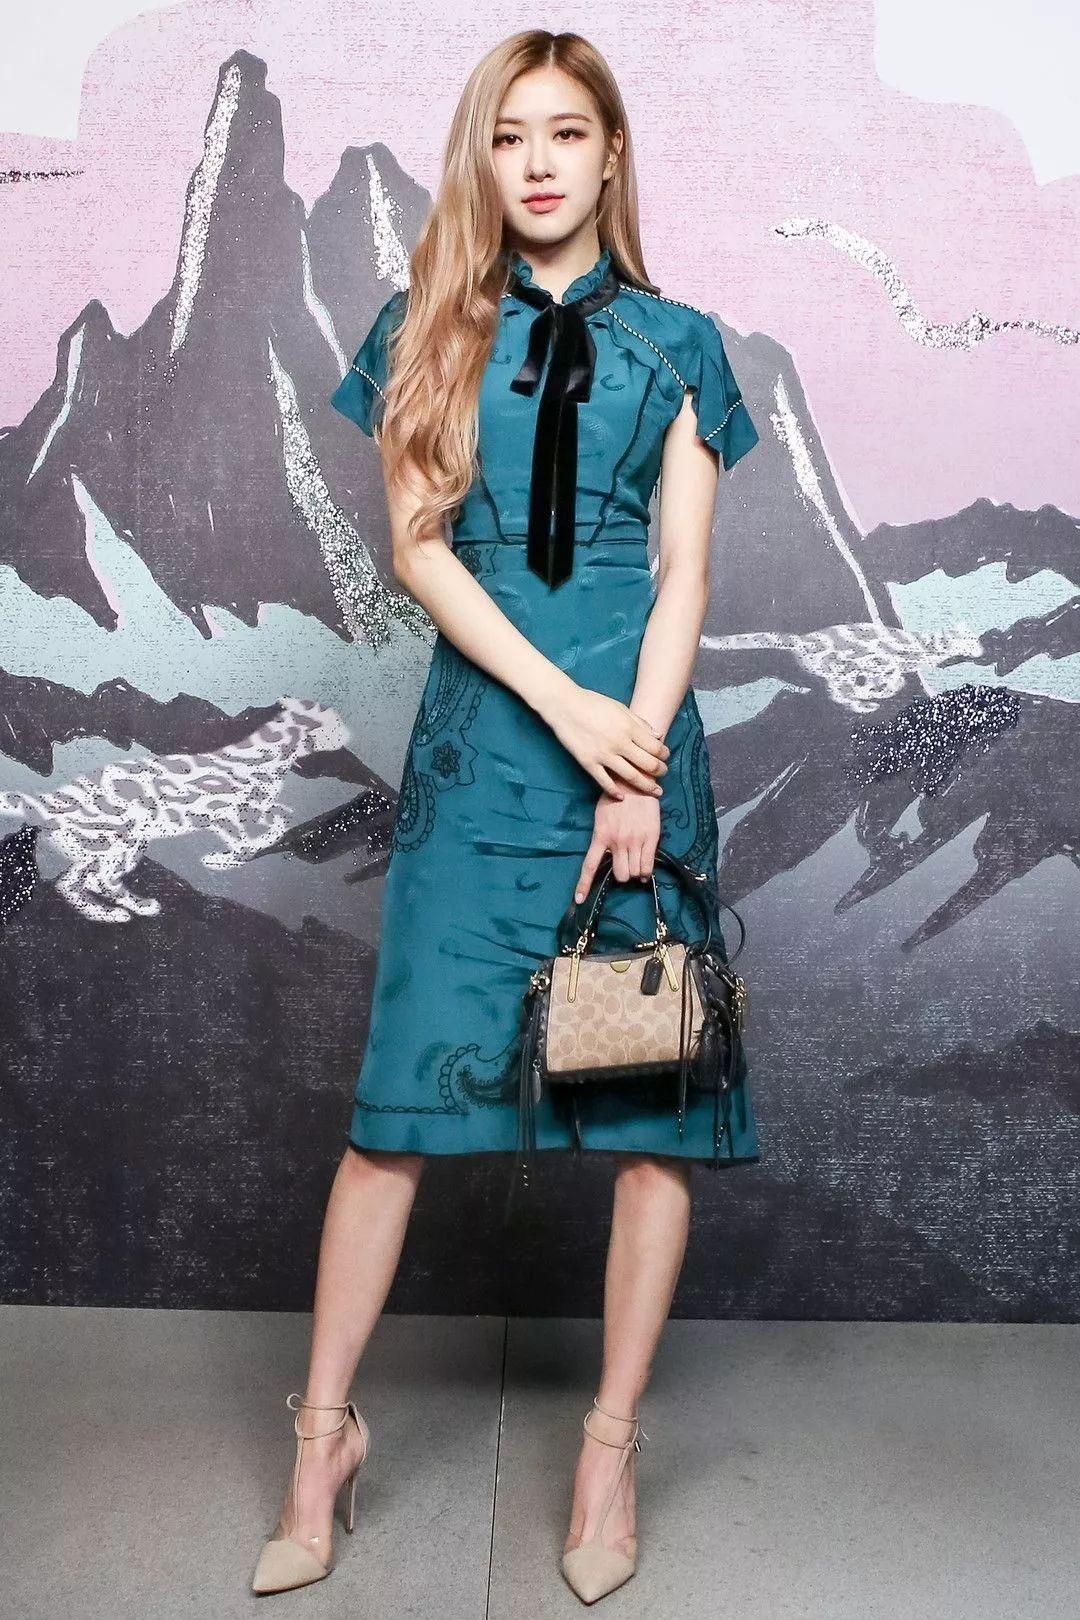 Rose Blackpink trong thiết kế đầm xanh ngọc sang trọng